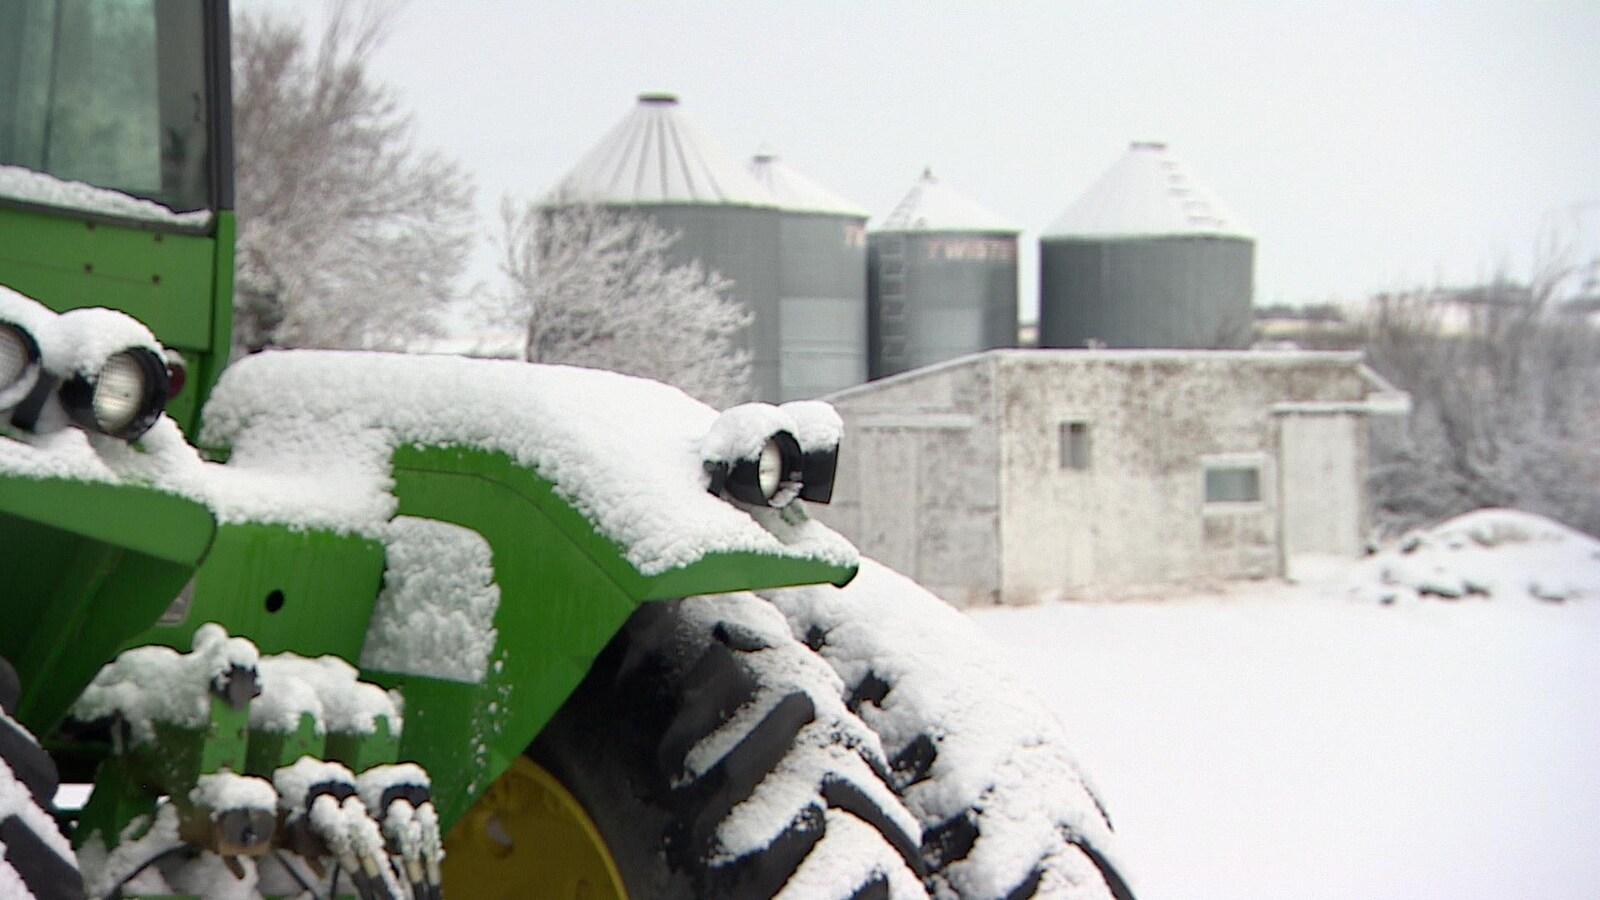 Un tracteur vert enneigé devant un cabanon et des installations agricoles, en temps de neige.